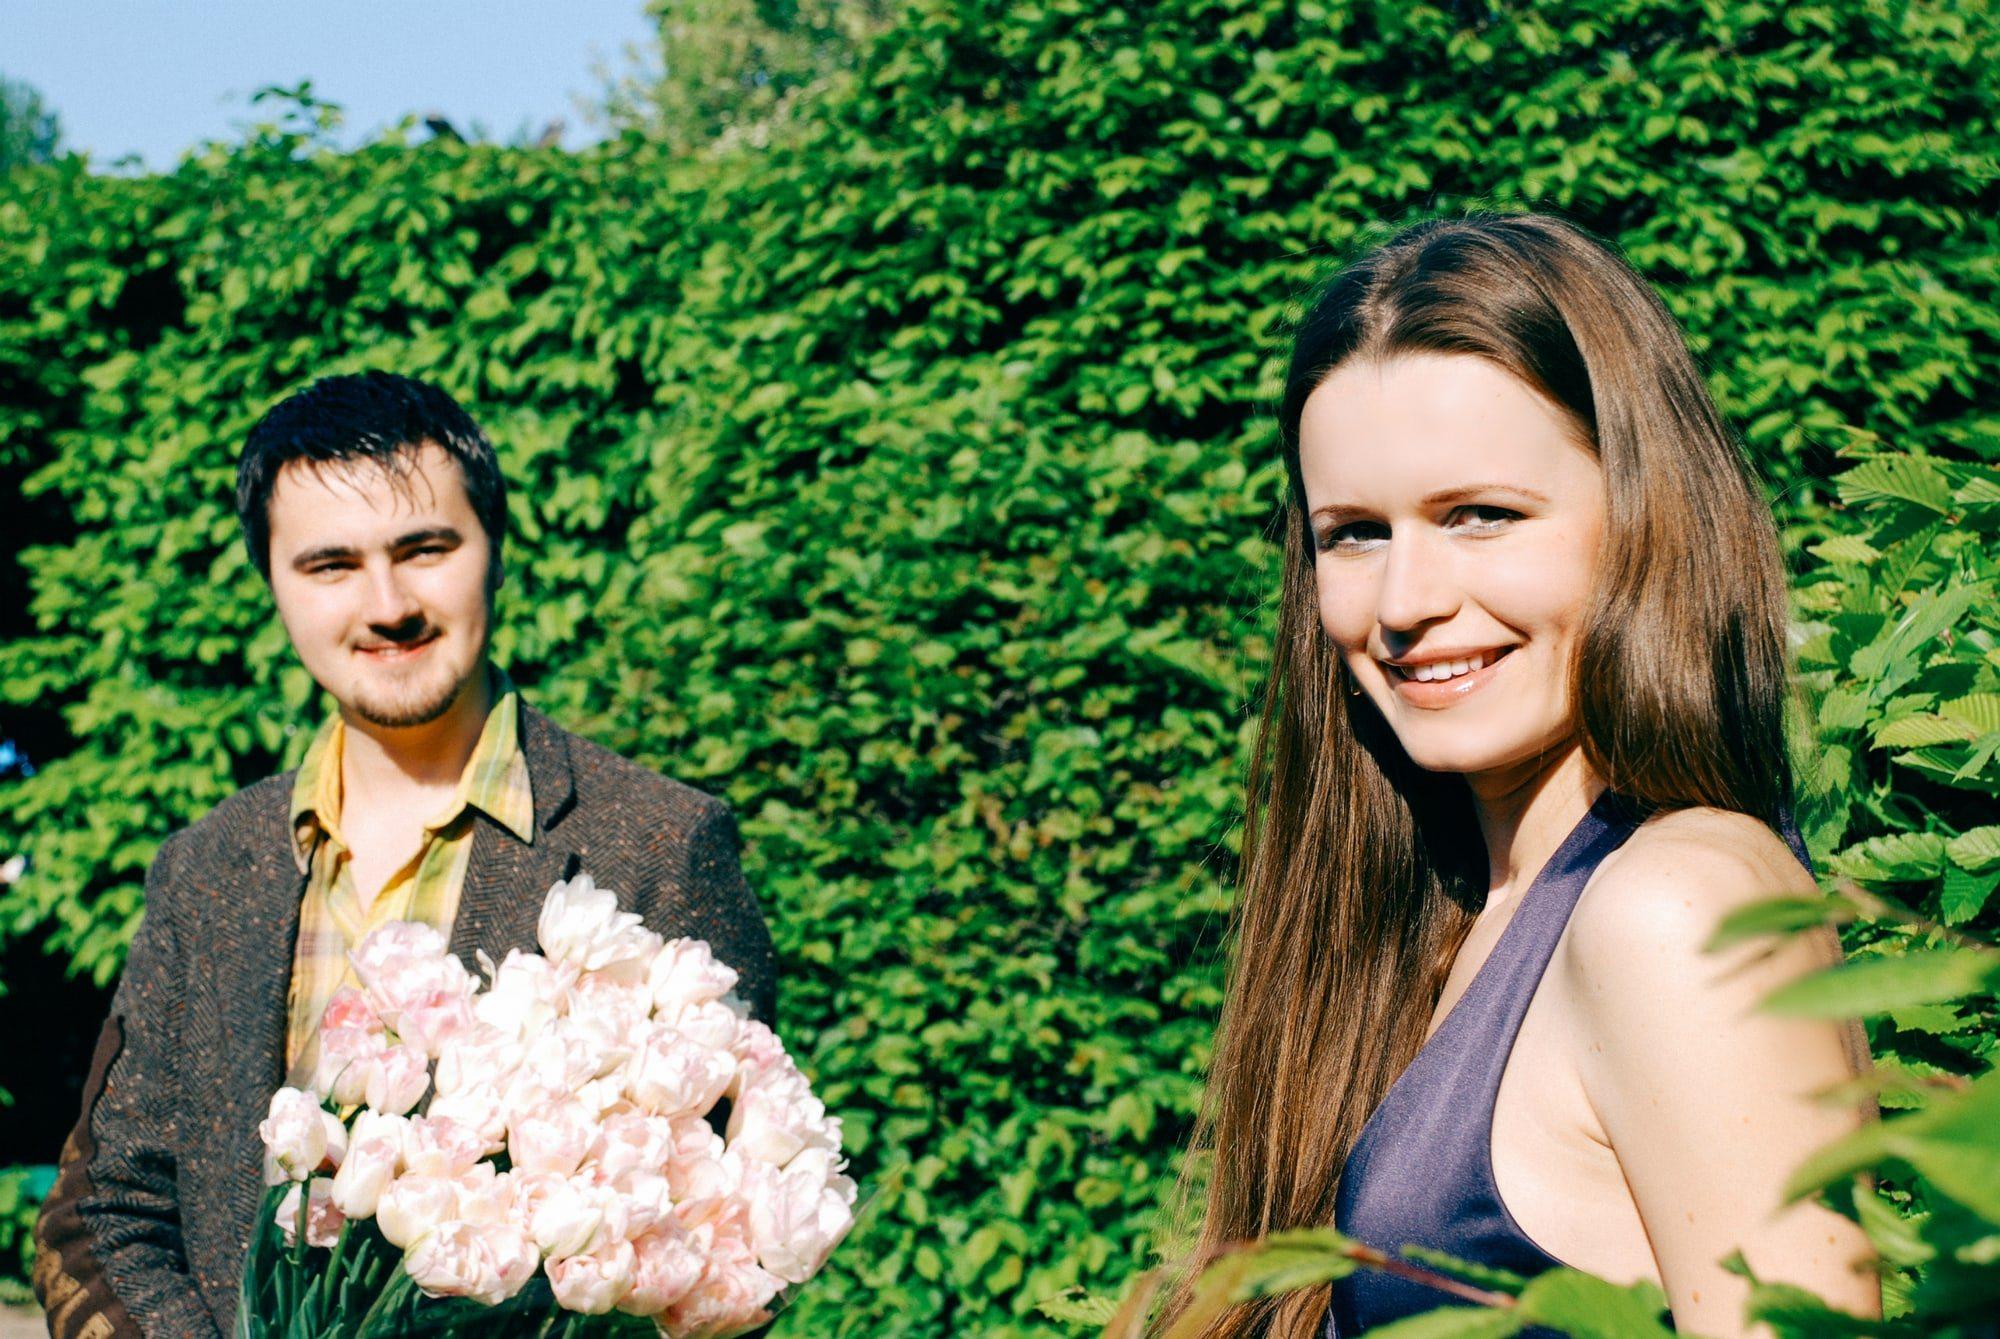 Знакомство в ботсаду - Фотограф Киев - Женя Лайт